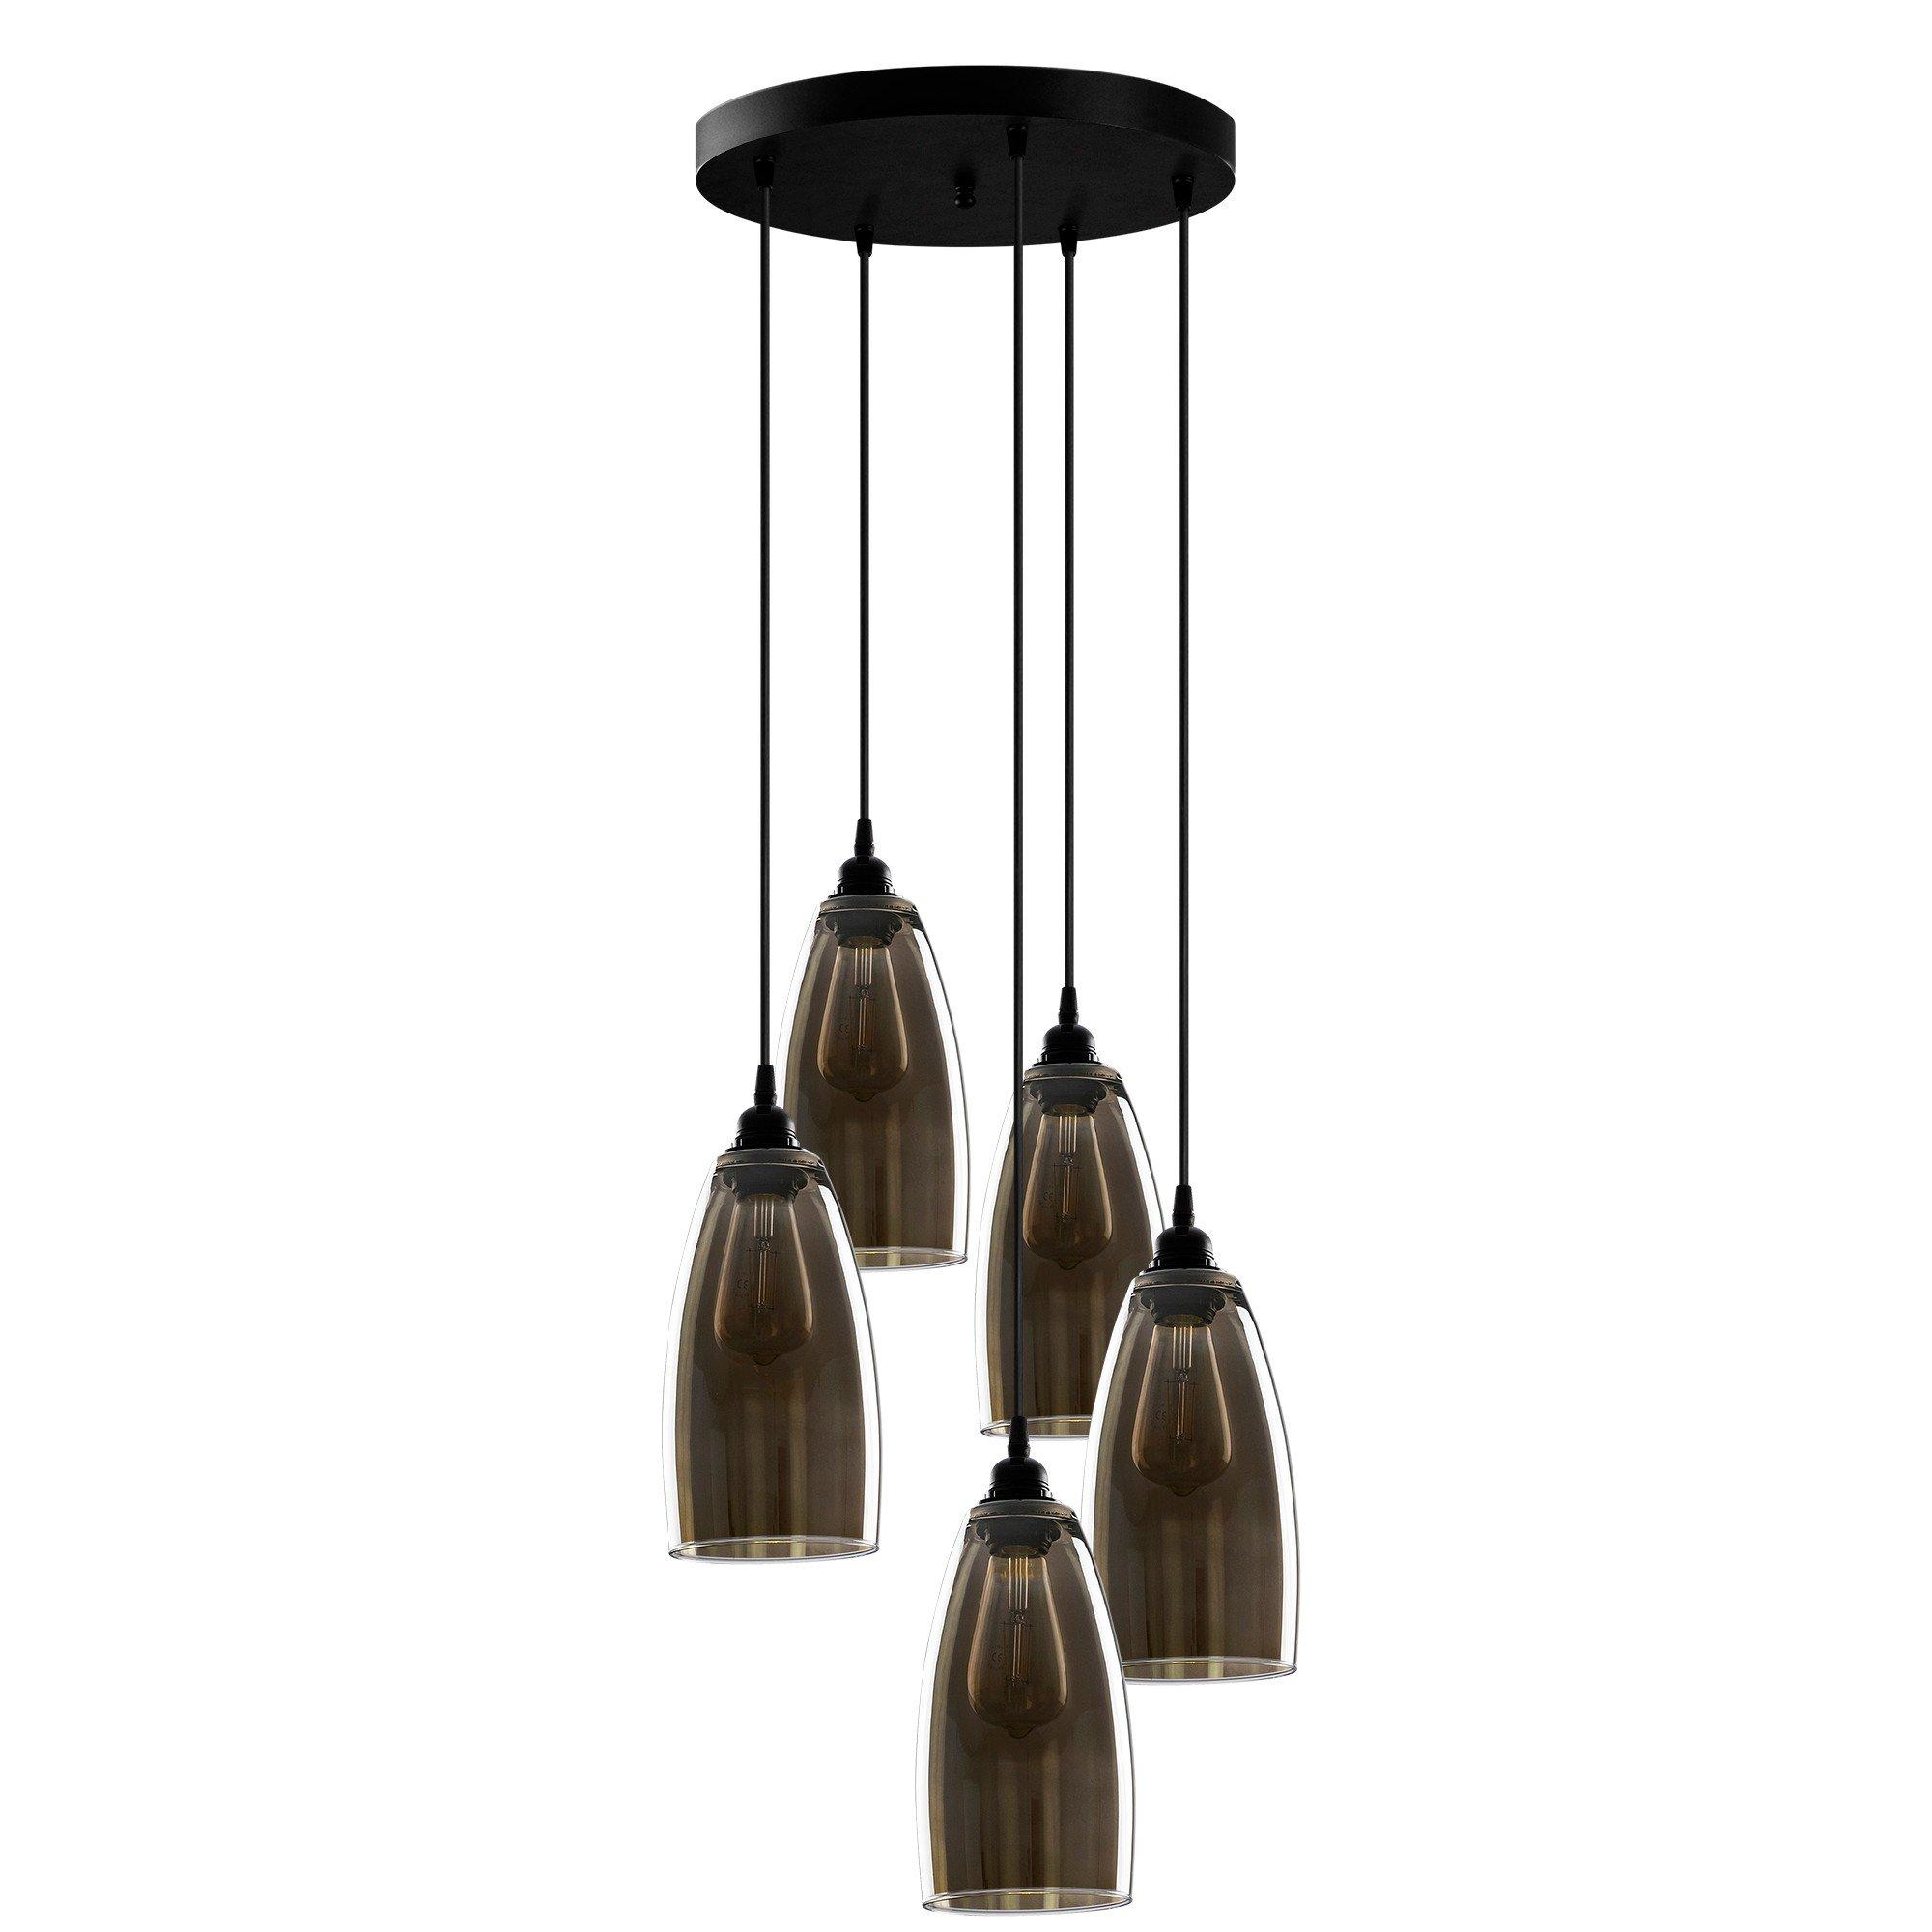 Hanglamp smoked glass donker langwerpig 5 keer een E27 fitting - vooraanzicht lampen uit